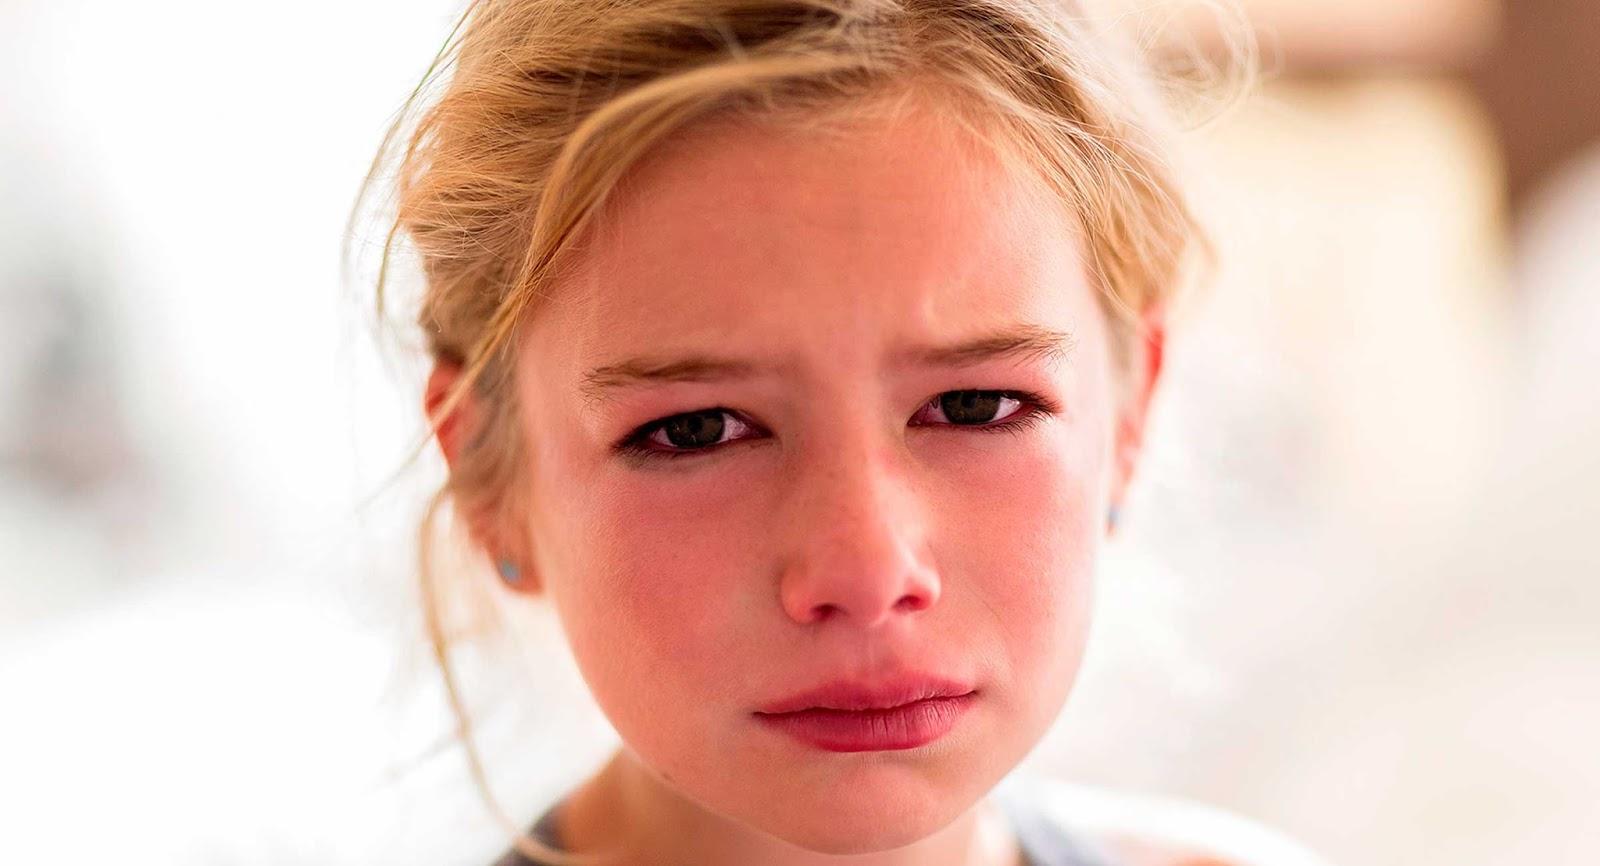 Mira el daño que les haces a tus hijos cuando NO les cumples una promesa. No lo volverás a hacer